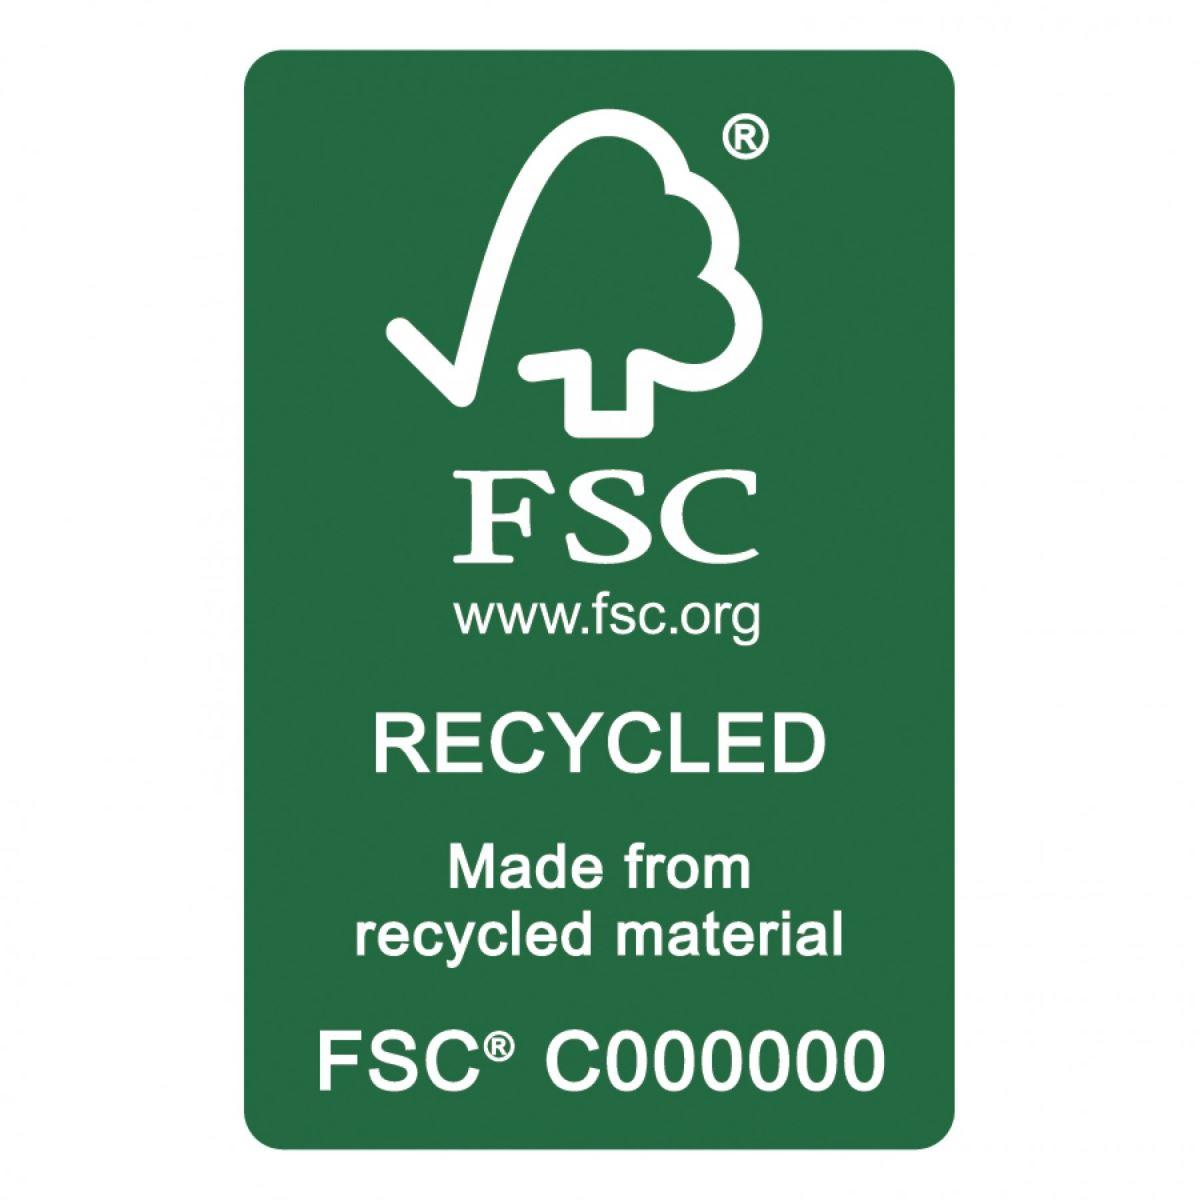 Dấu chứng nhận FSC recycle